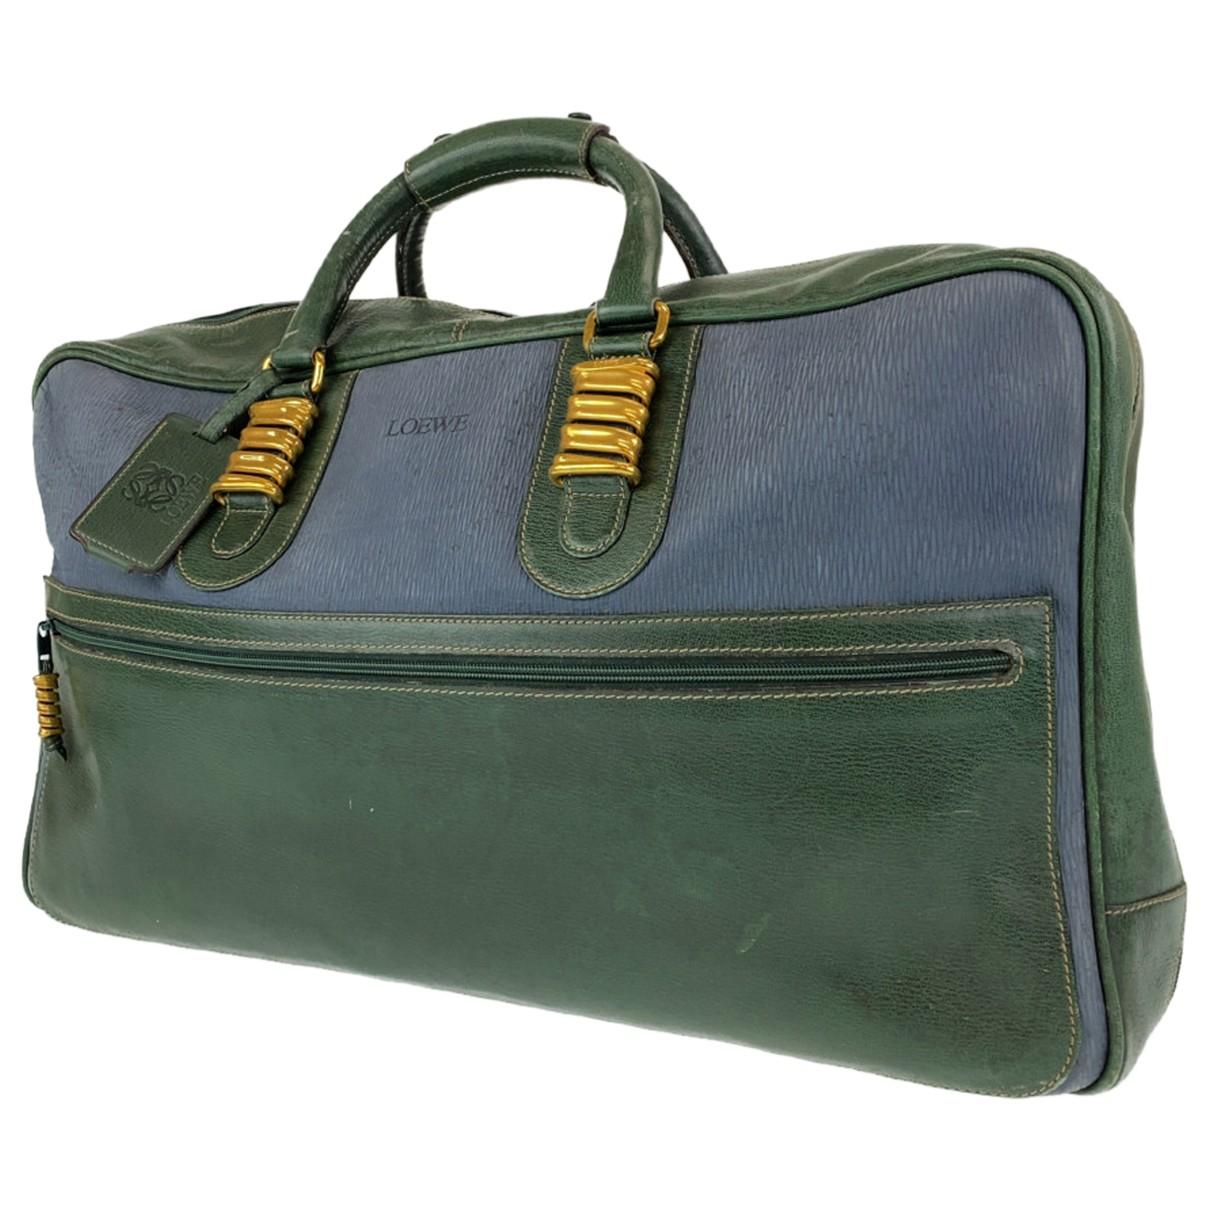 Loewe N Leather bag for Men N